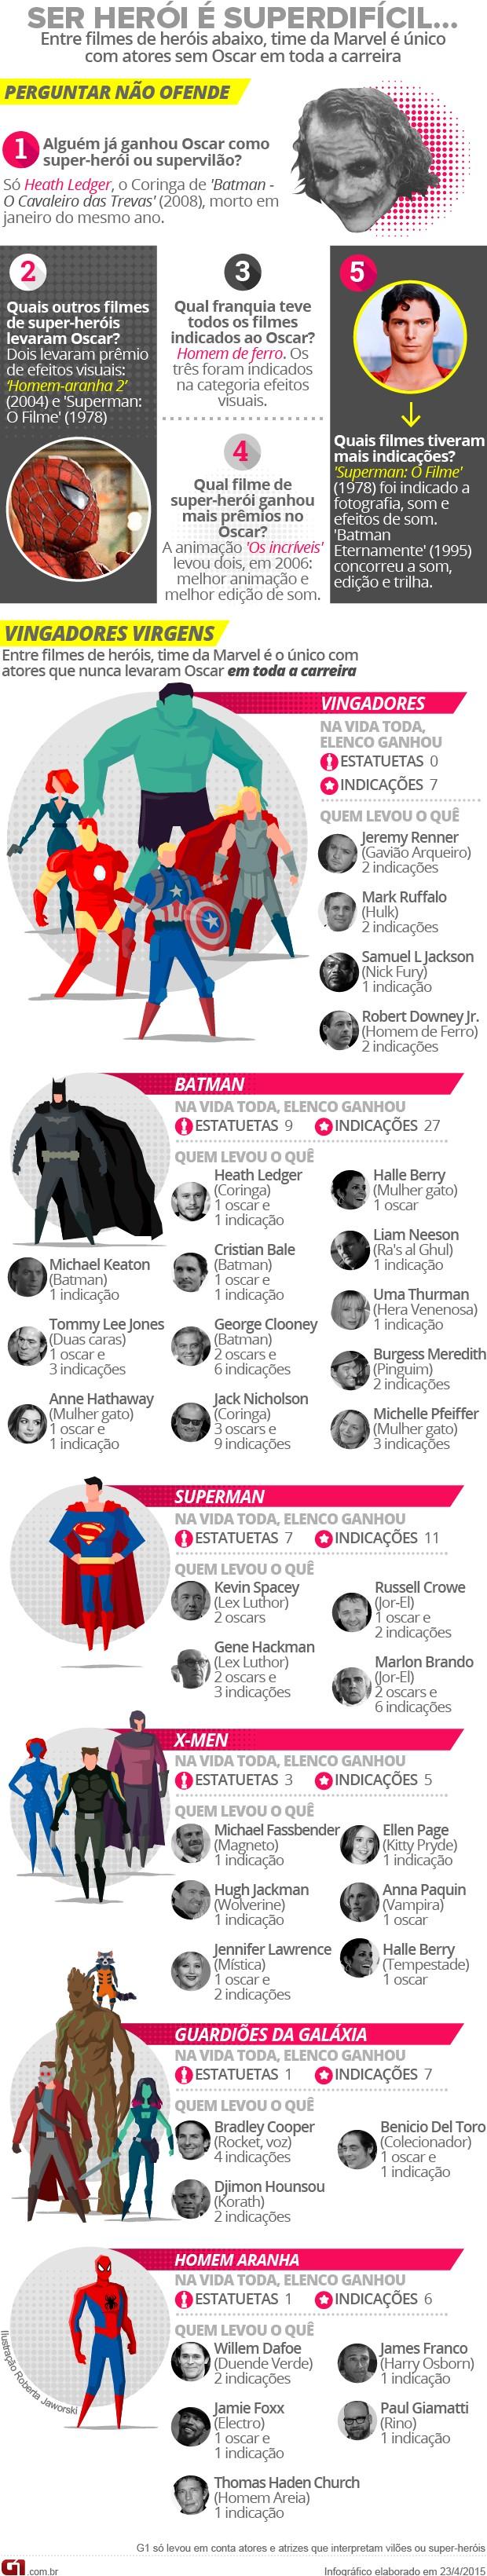 Os vingadores - A era de Ultron - Ser herói é superdifícil - perguntas e respostas sobre heróis - ranking de oscars (Foto: G1)